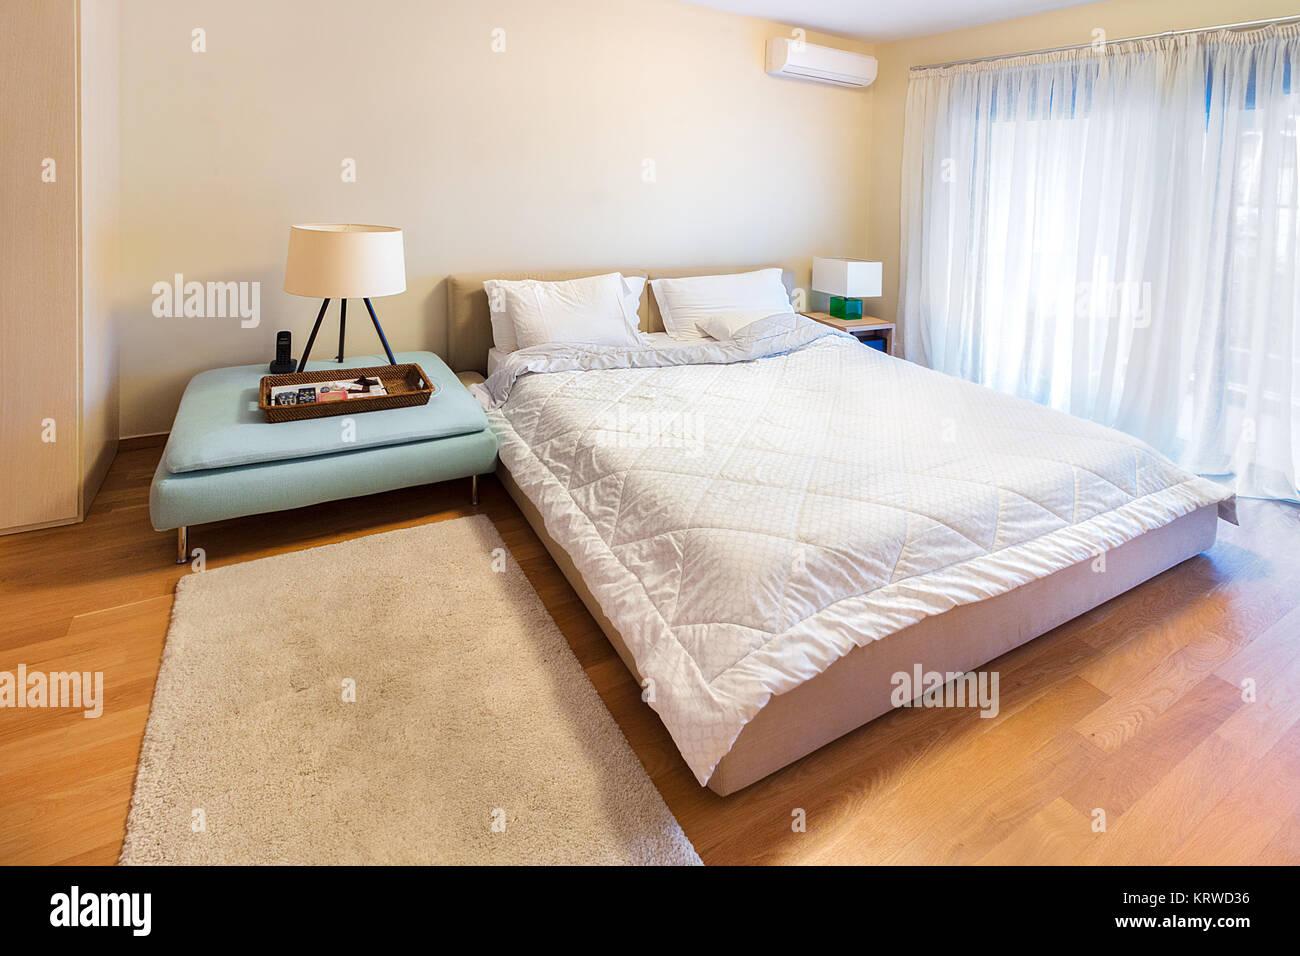 Una moderna camera da letto con un letto matrimoniale king size